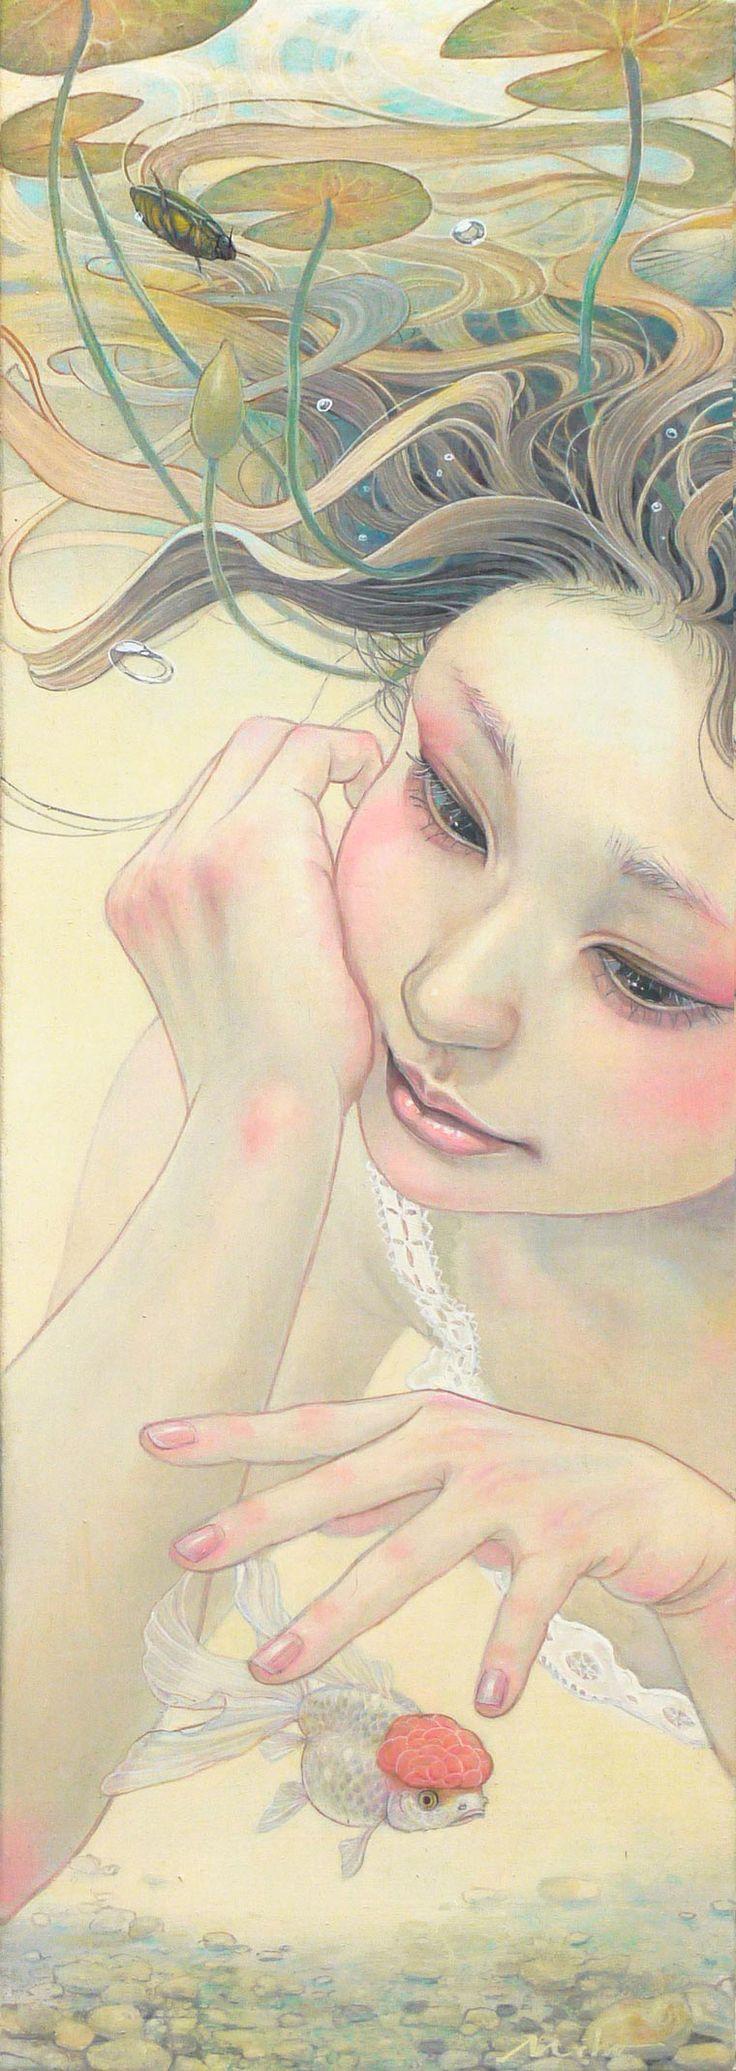 Une sélection des créations de l'artiste japonaiseMiho Hirano, qui nous dévoile des peintures d'une incroyable douceur, entre poésie, sensualité et déli